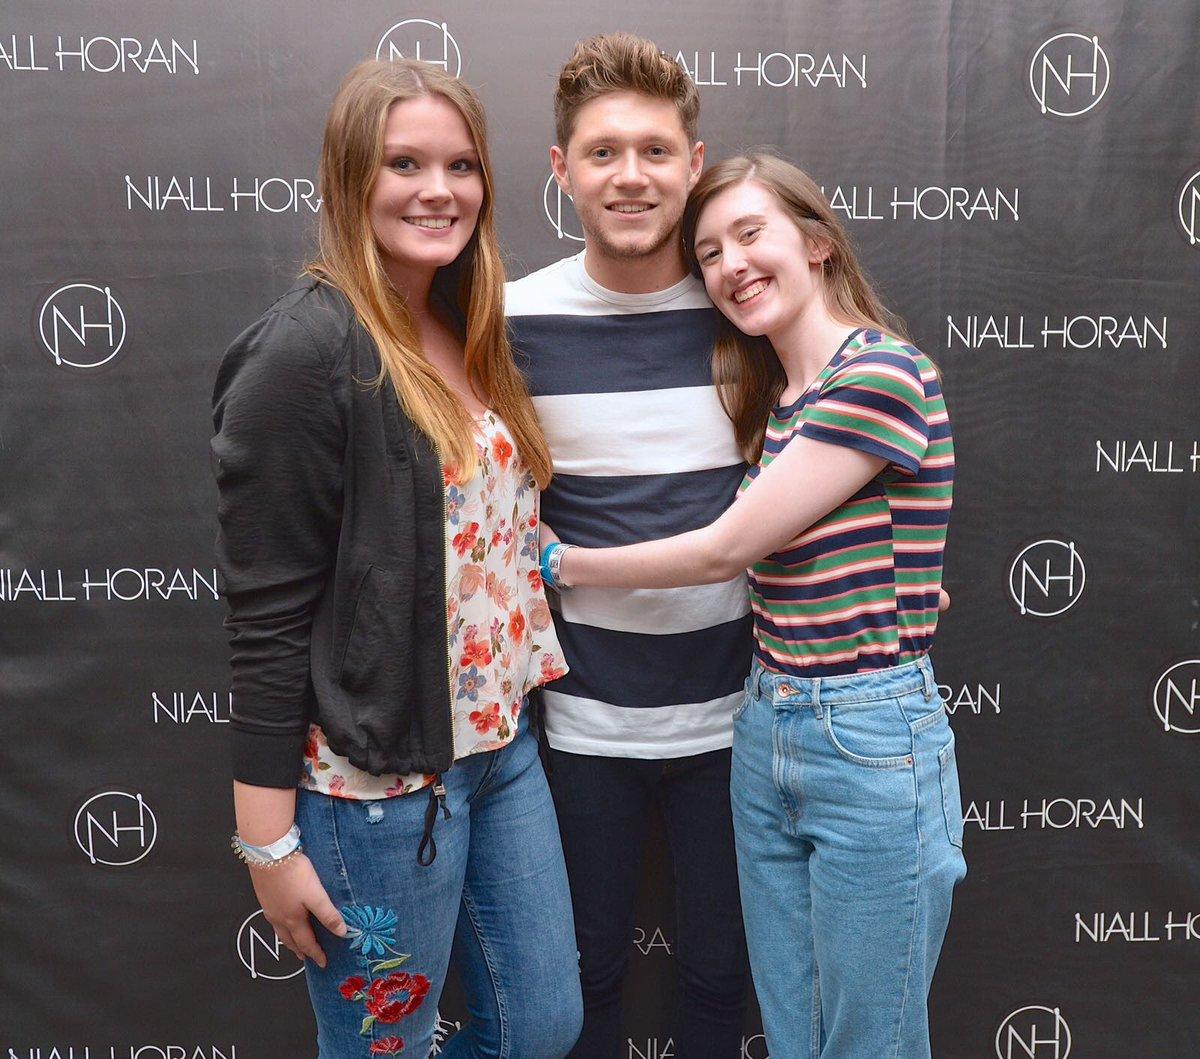 Niall Horan News On Twitter August 29th Meet Greet